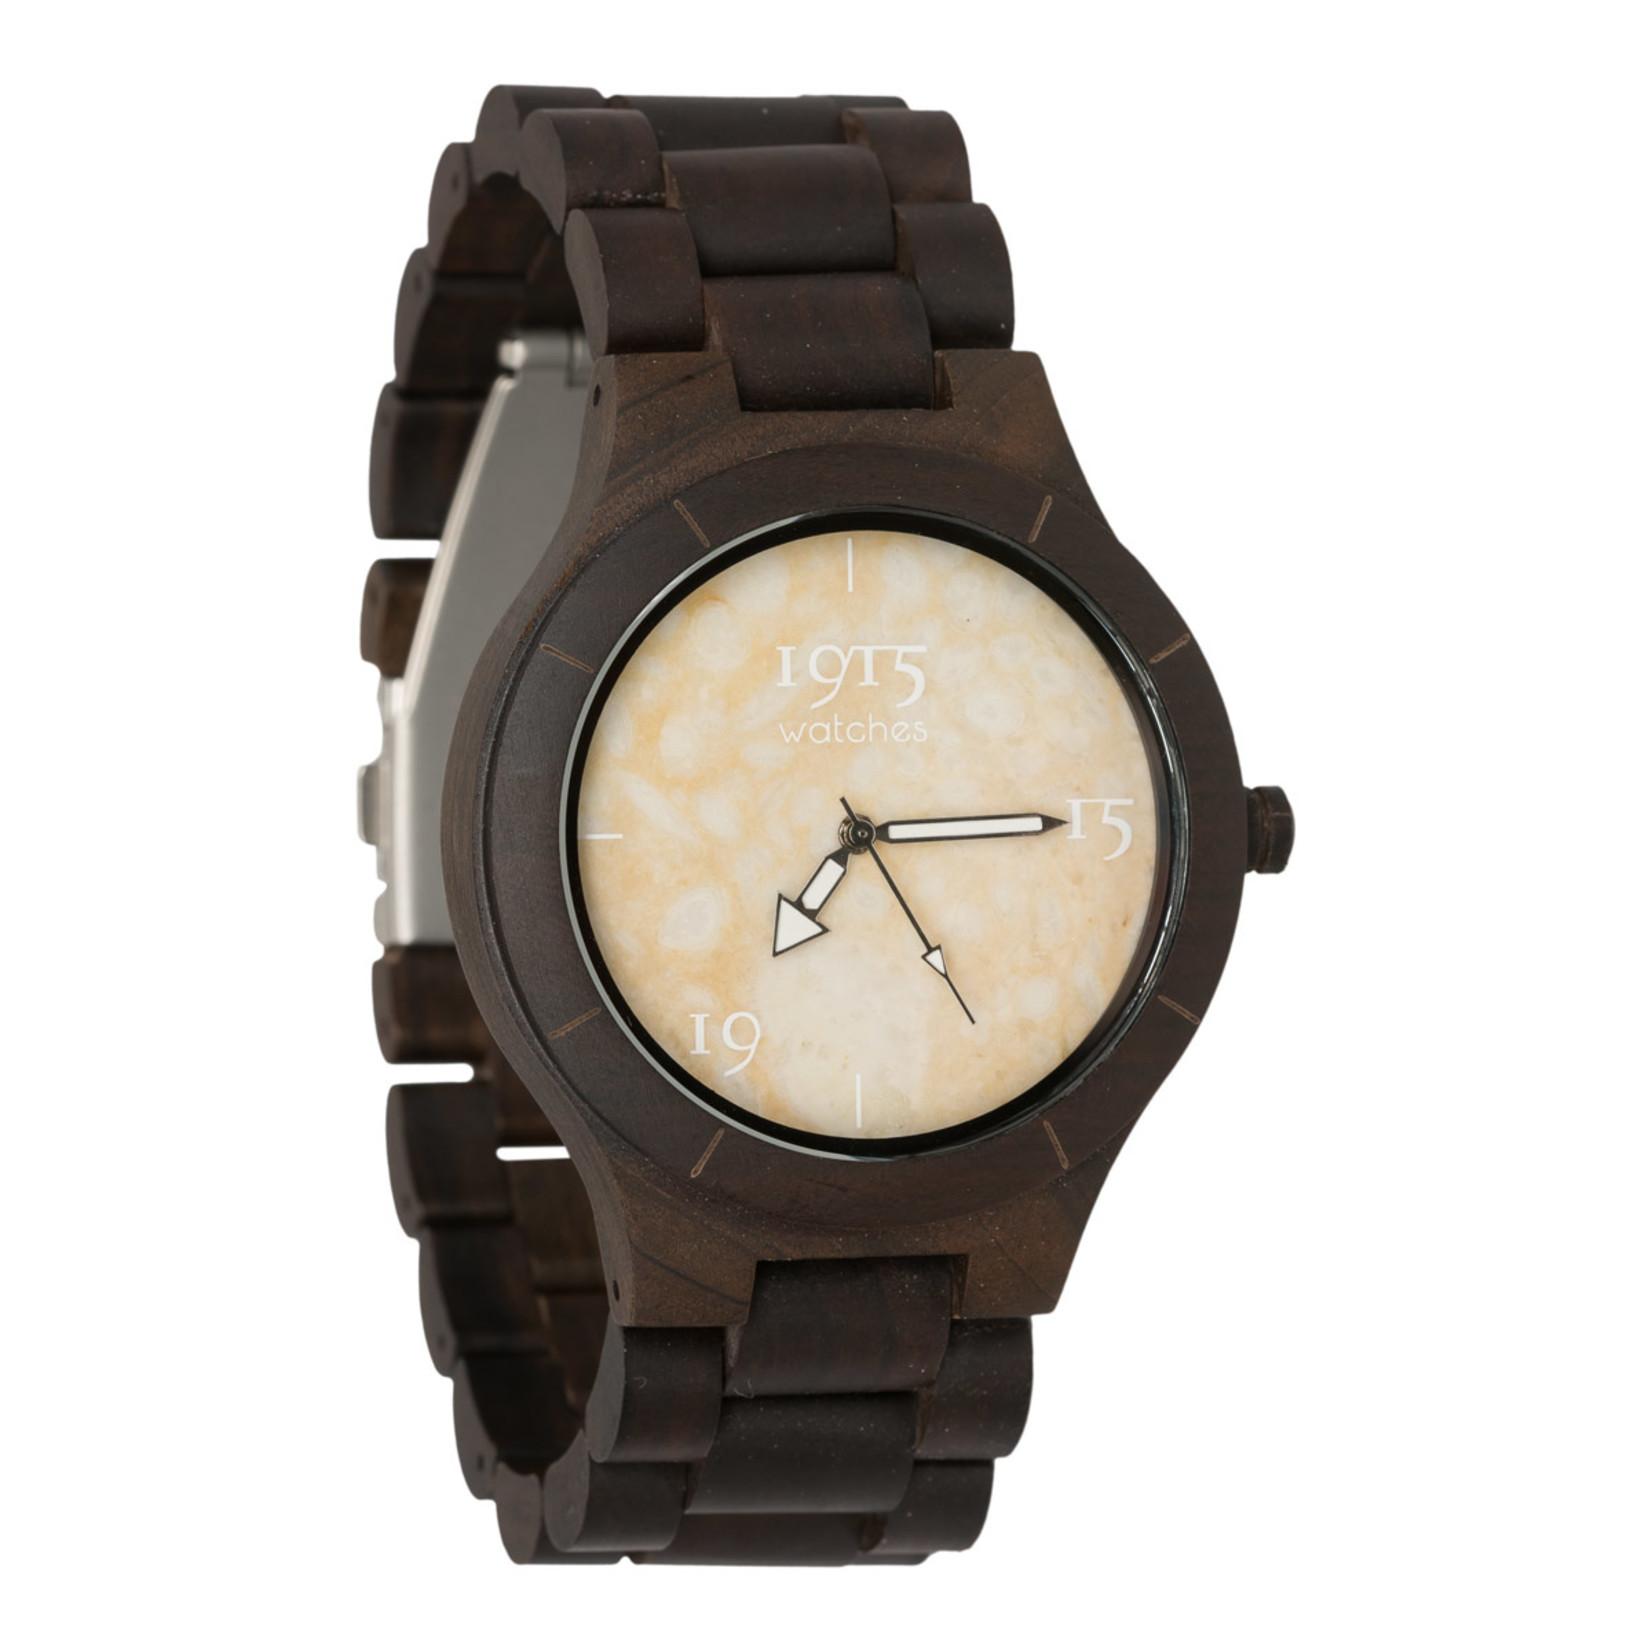 1915 watches 1915 watch men elegance rusty stone | Houten heren horloge